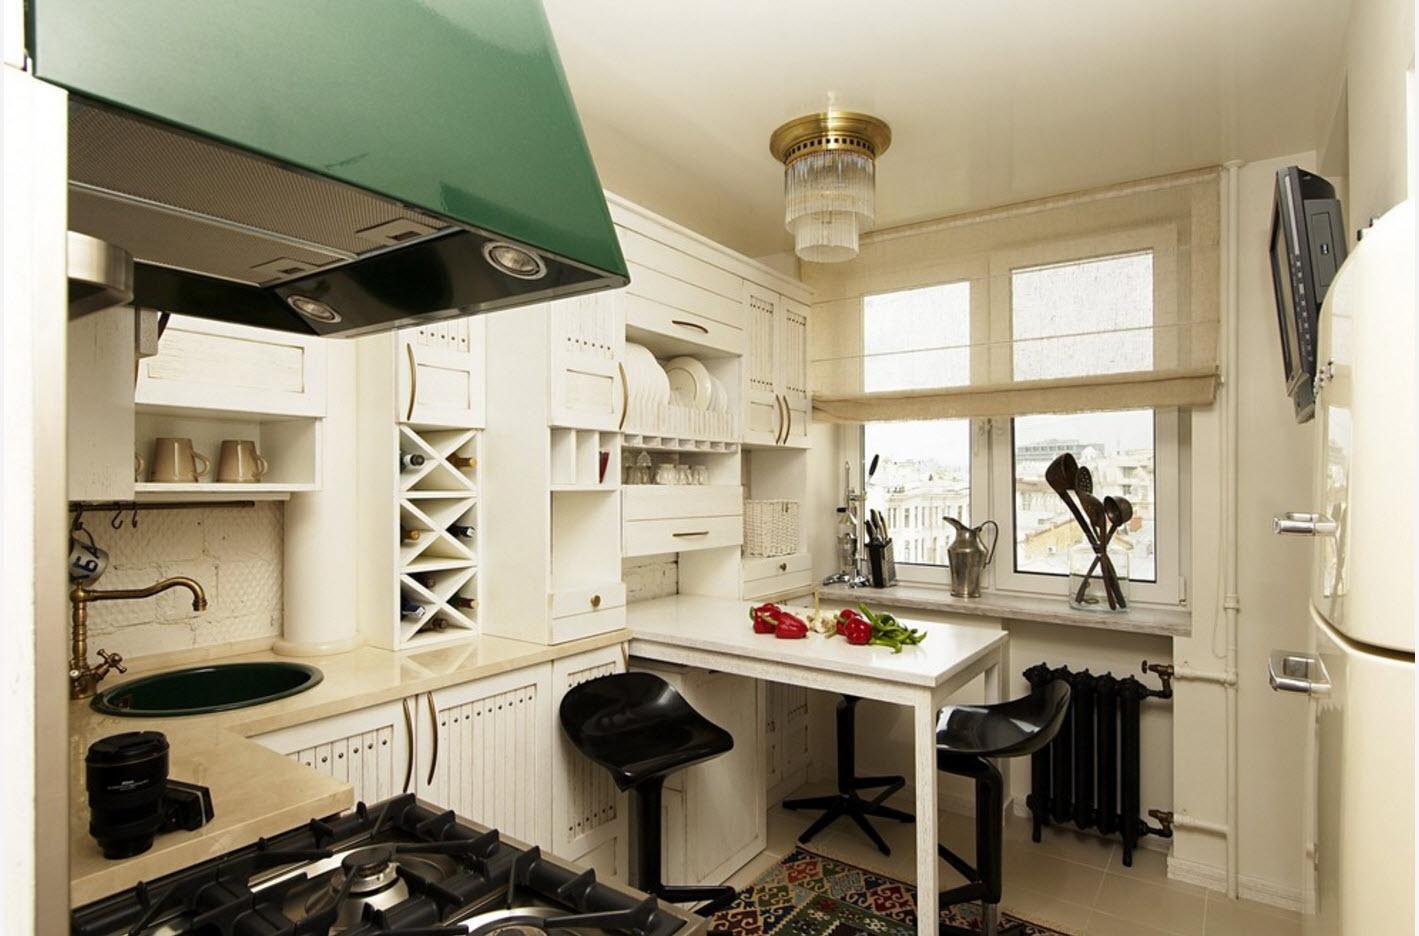 Интерьер небольшого кухонного помещения